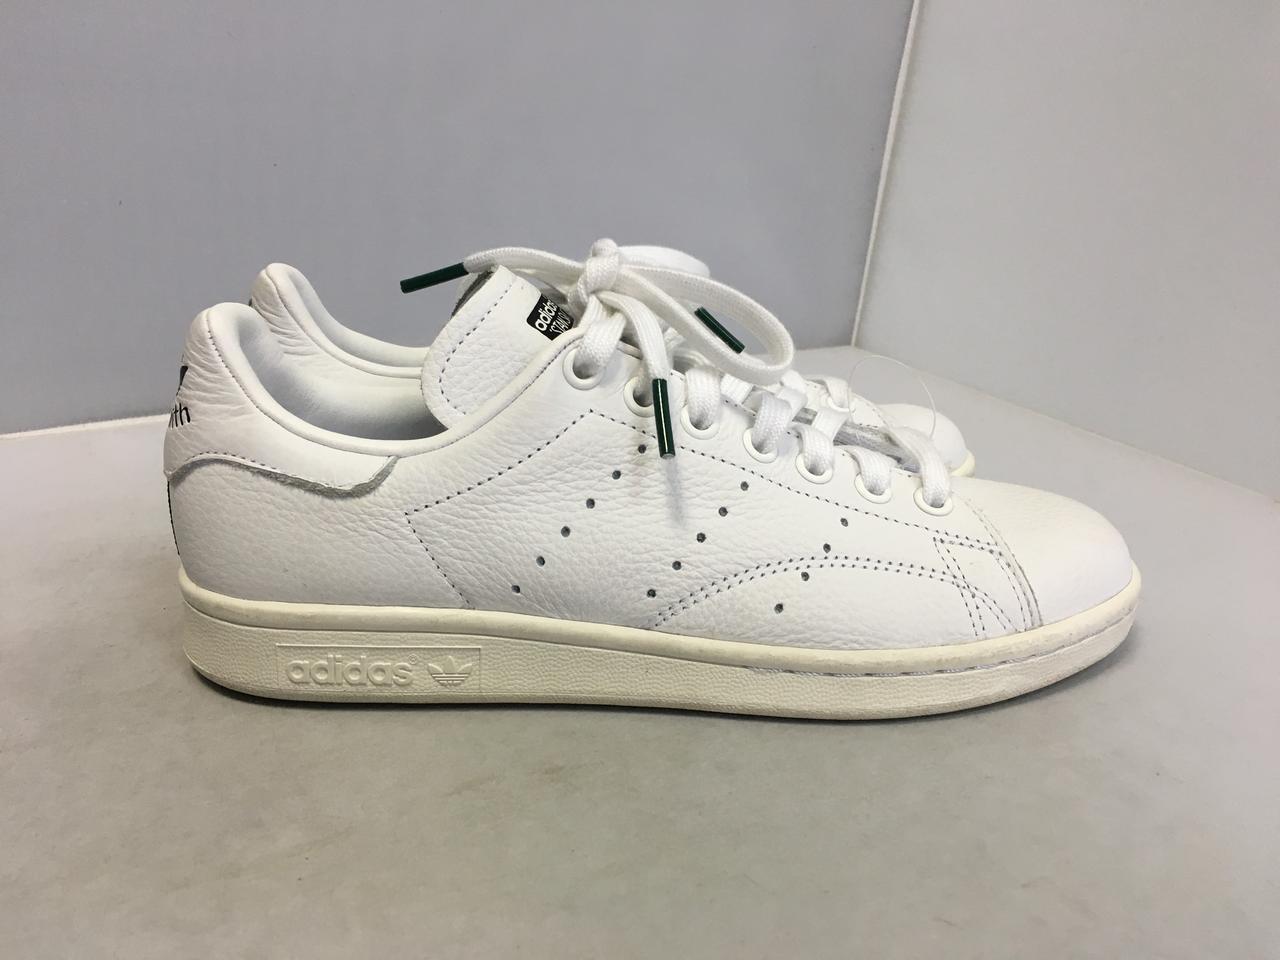 Женские кроссовки Adidas Stan Smith, 38 размер, фото 1